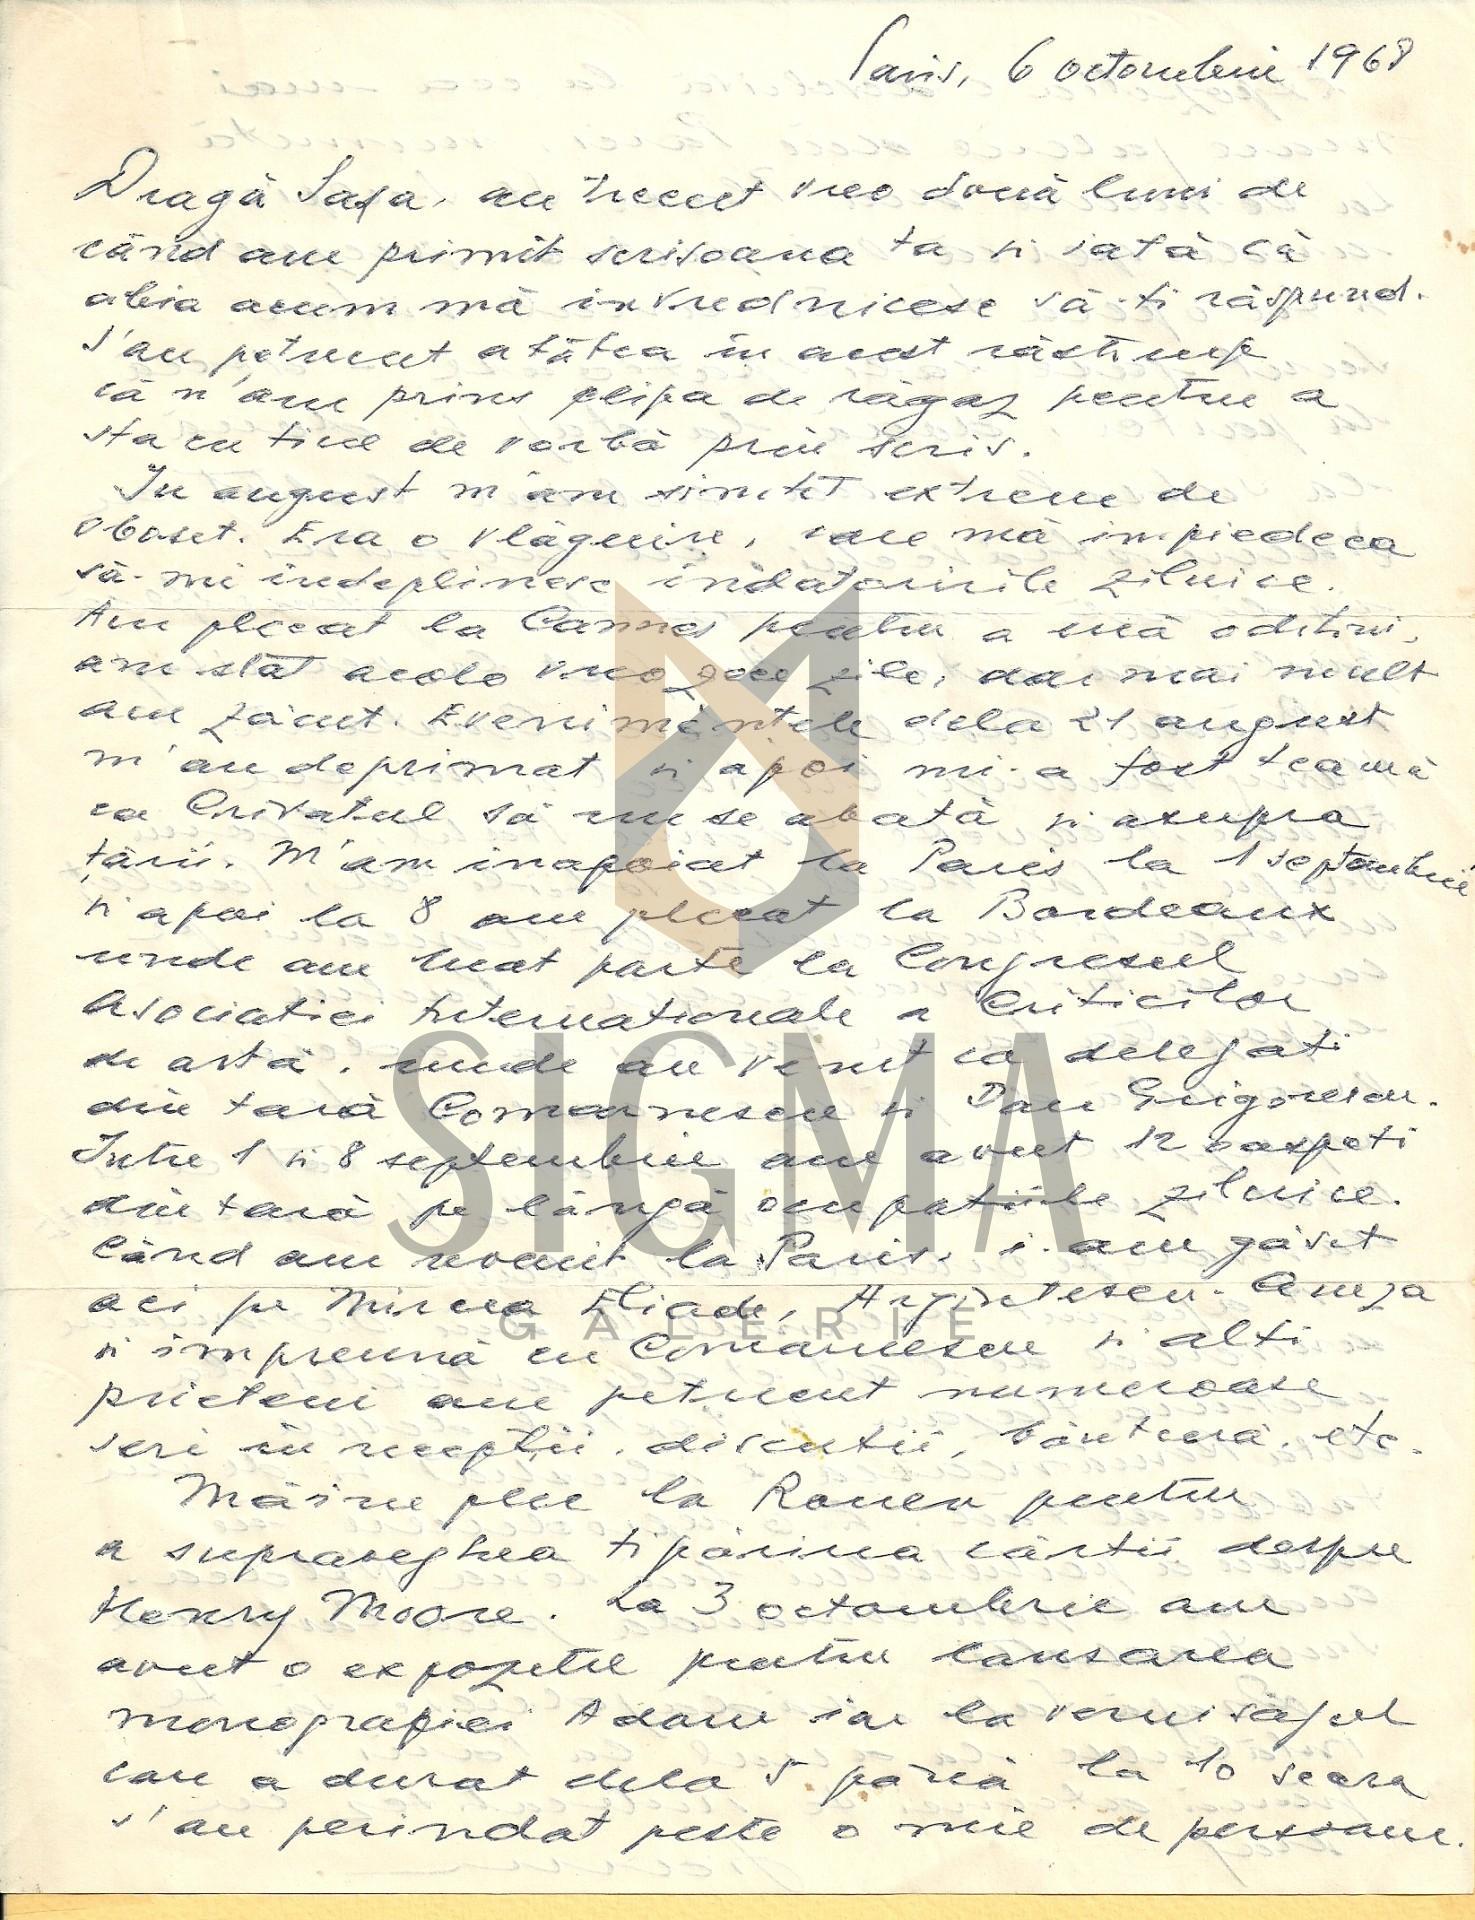 SCRISORI-CORESPONDENTA, IONEL JIANU catre Pictorul ALEXANDRU CIUCURENCU (8 Scrisori 1968-1970)